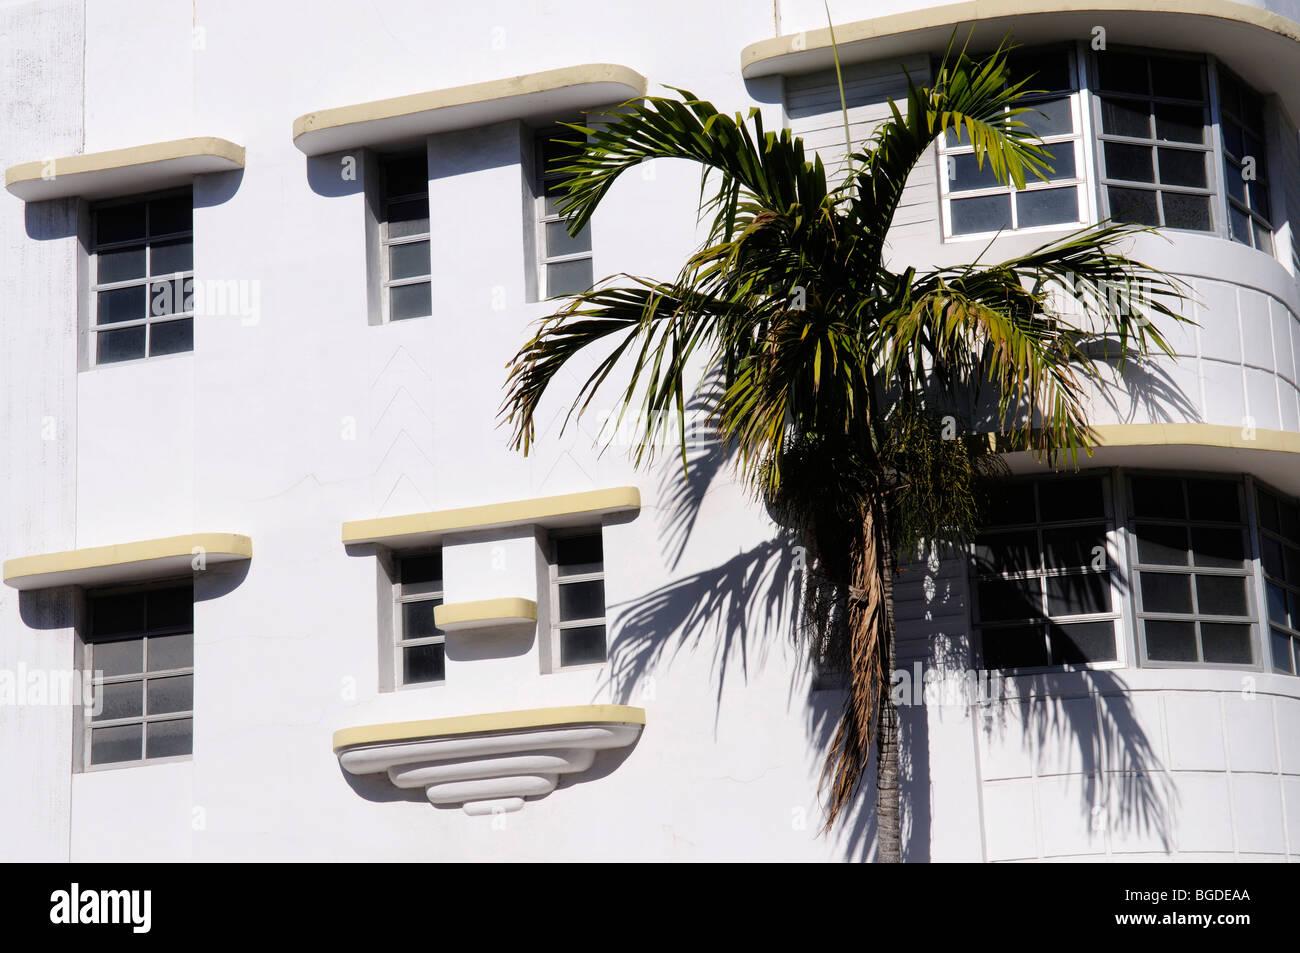 miami beach architectural district stock photos miami beach